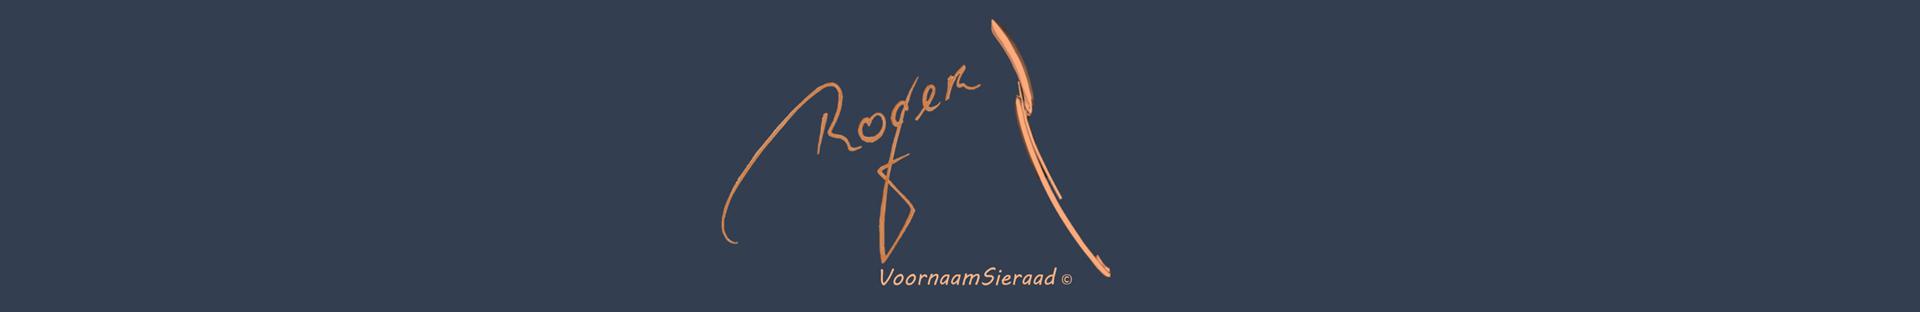 Roger Veldman